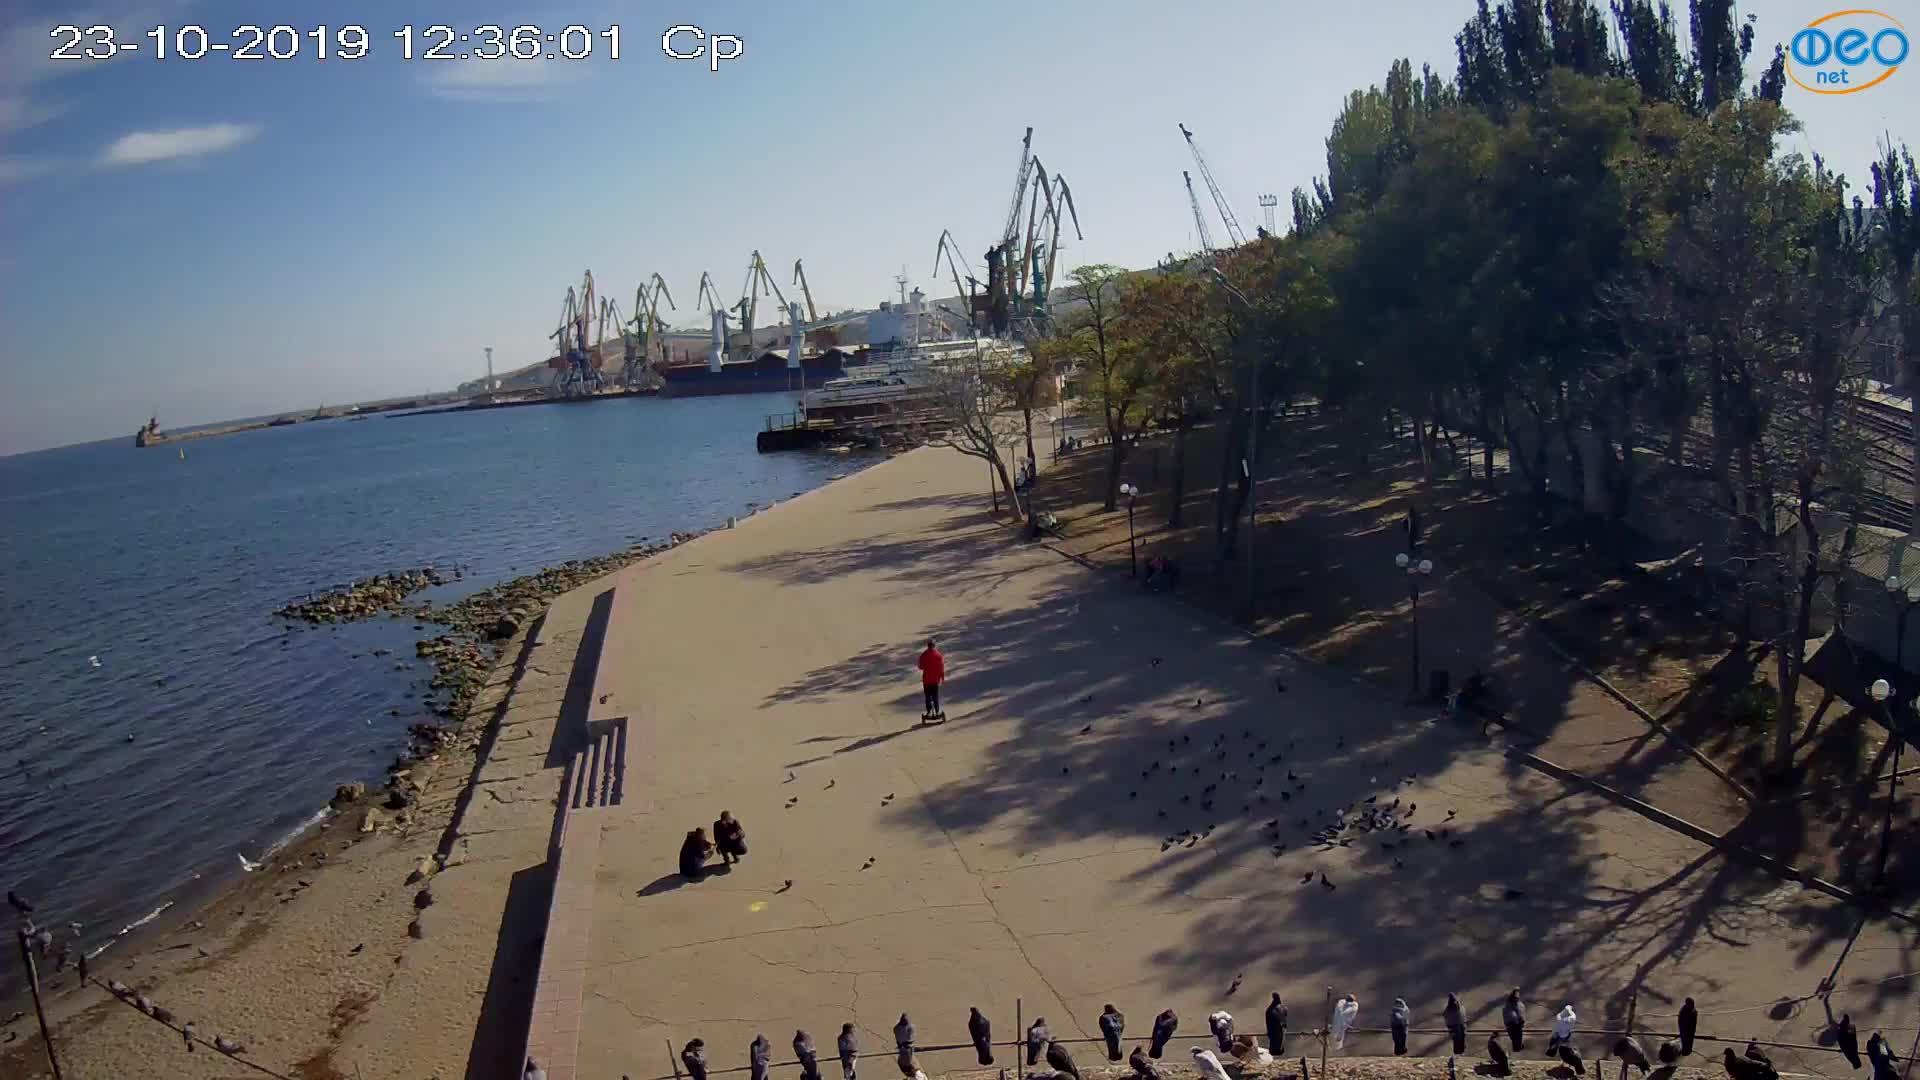 Веб-камеры Феодосии, Набережная Десантников, 2019-10-23 12:36:15